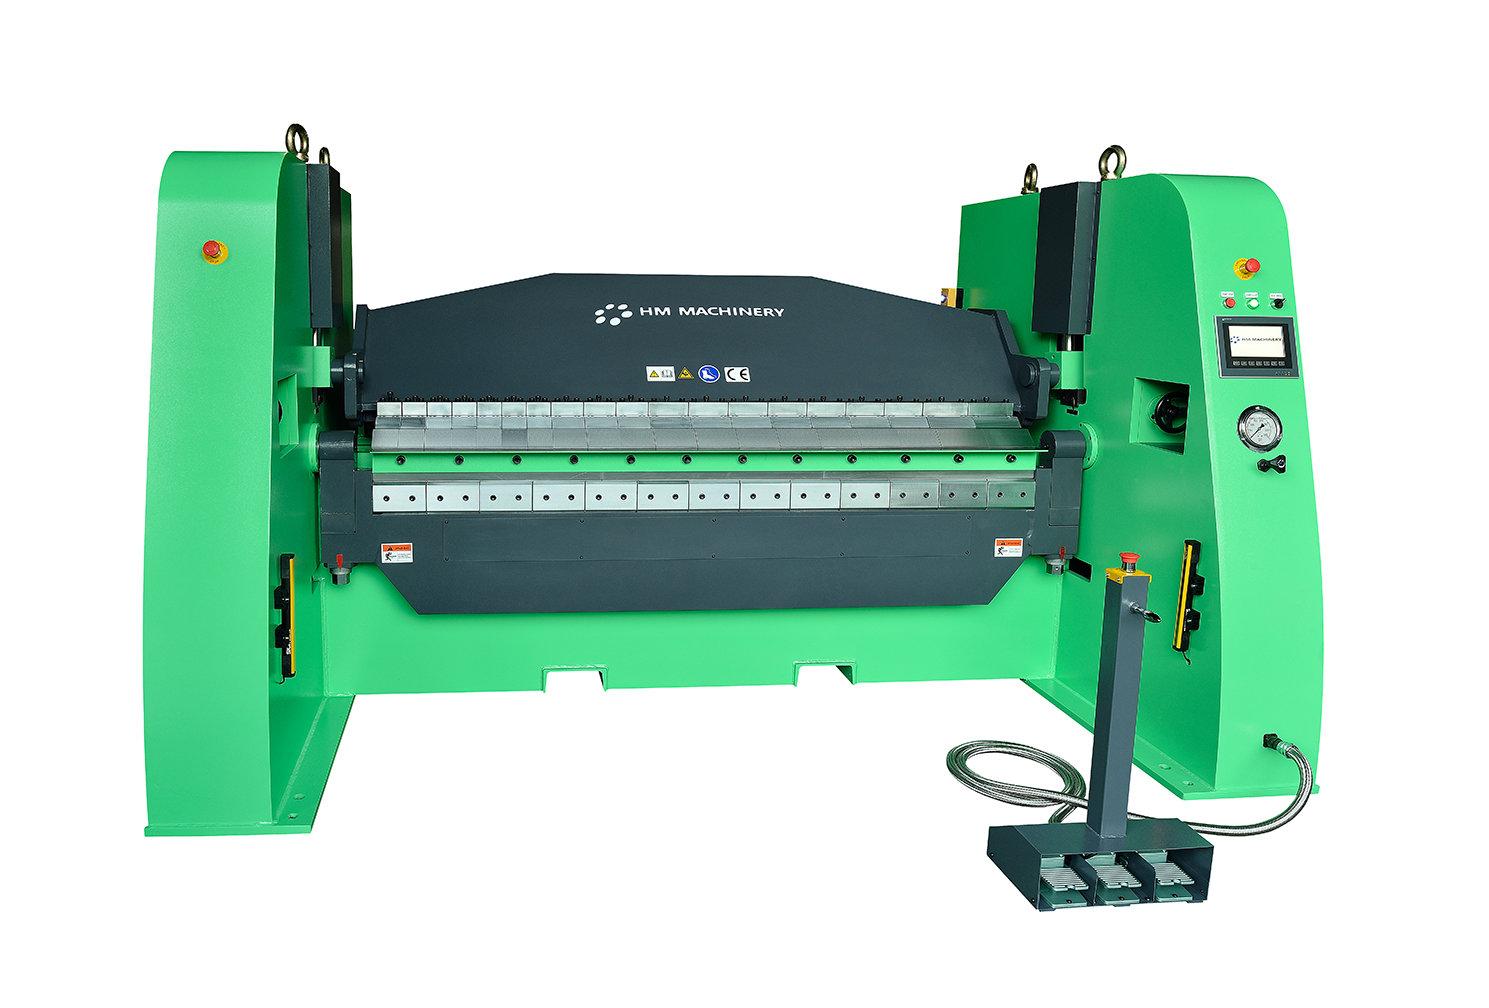 Hydrauliczna zaginarka do blachy Scantool - HM Machinery 2000-35S - długość robocza 2035 x 3,50mm